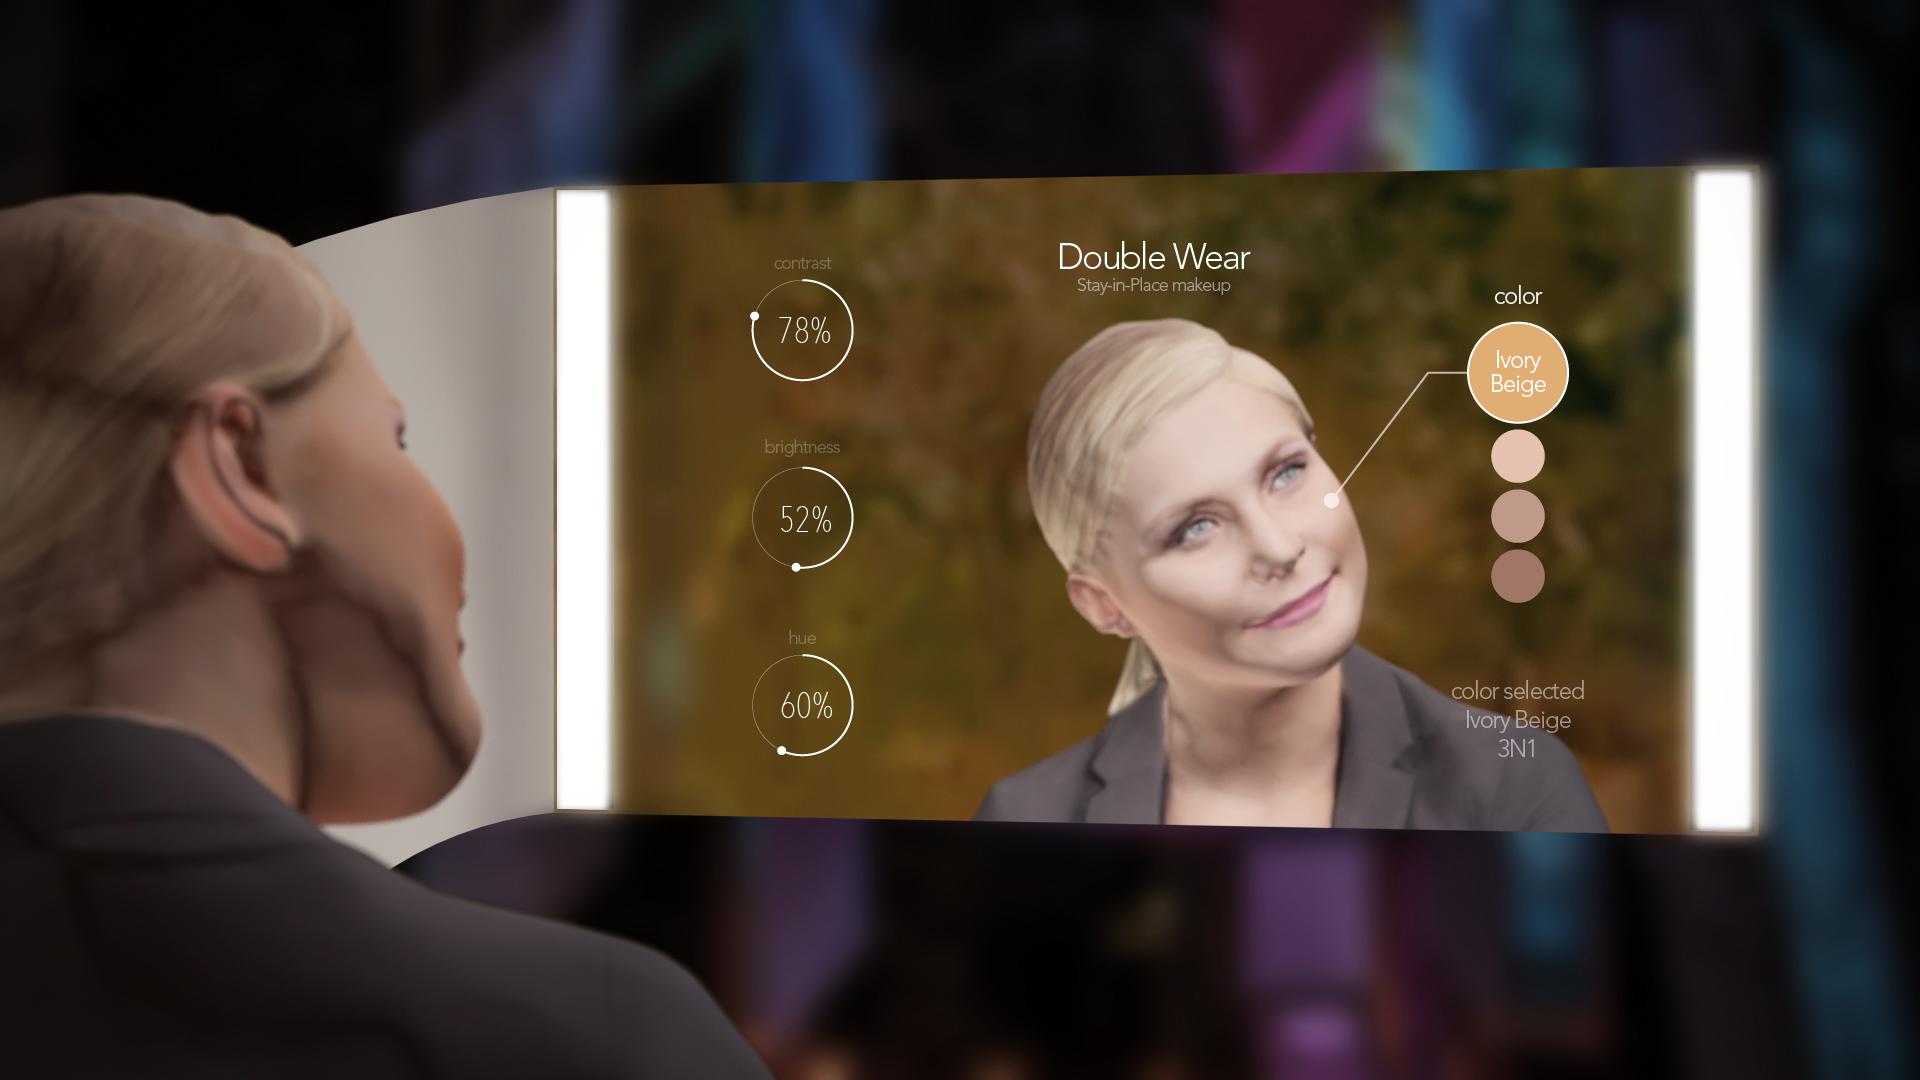 Estee Lauder interactive mirror